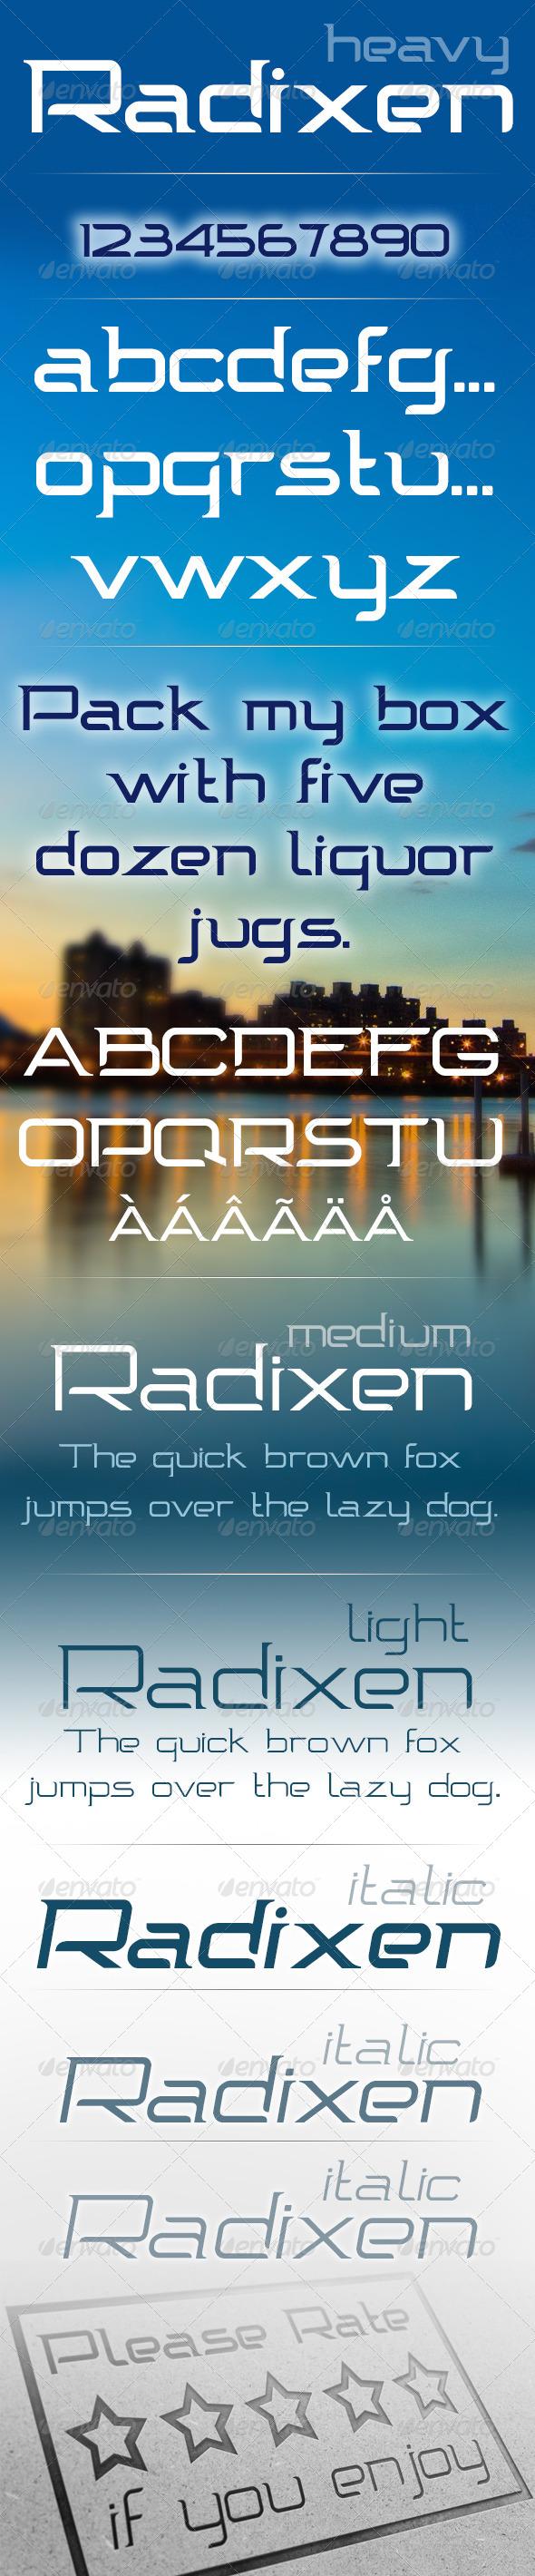 Radixen Font GraphicRiver Radixen Font Simple